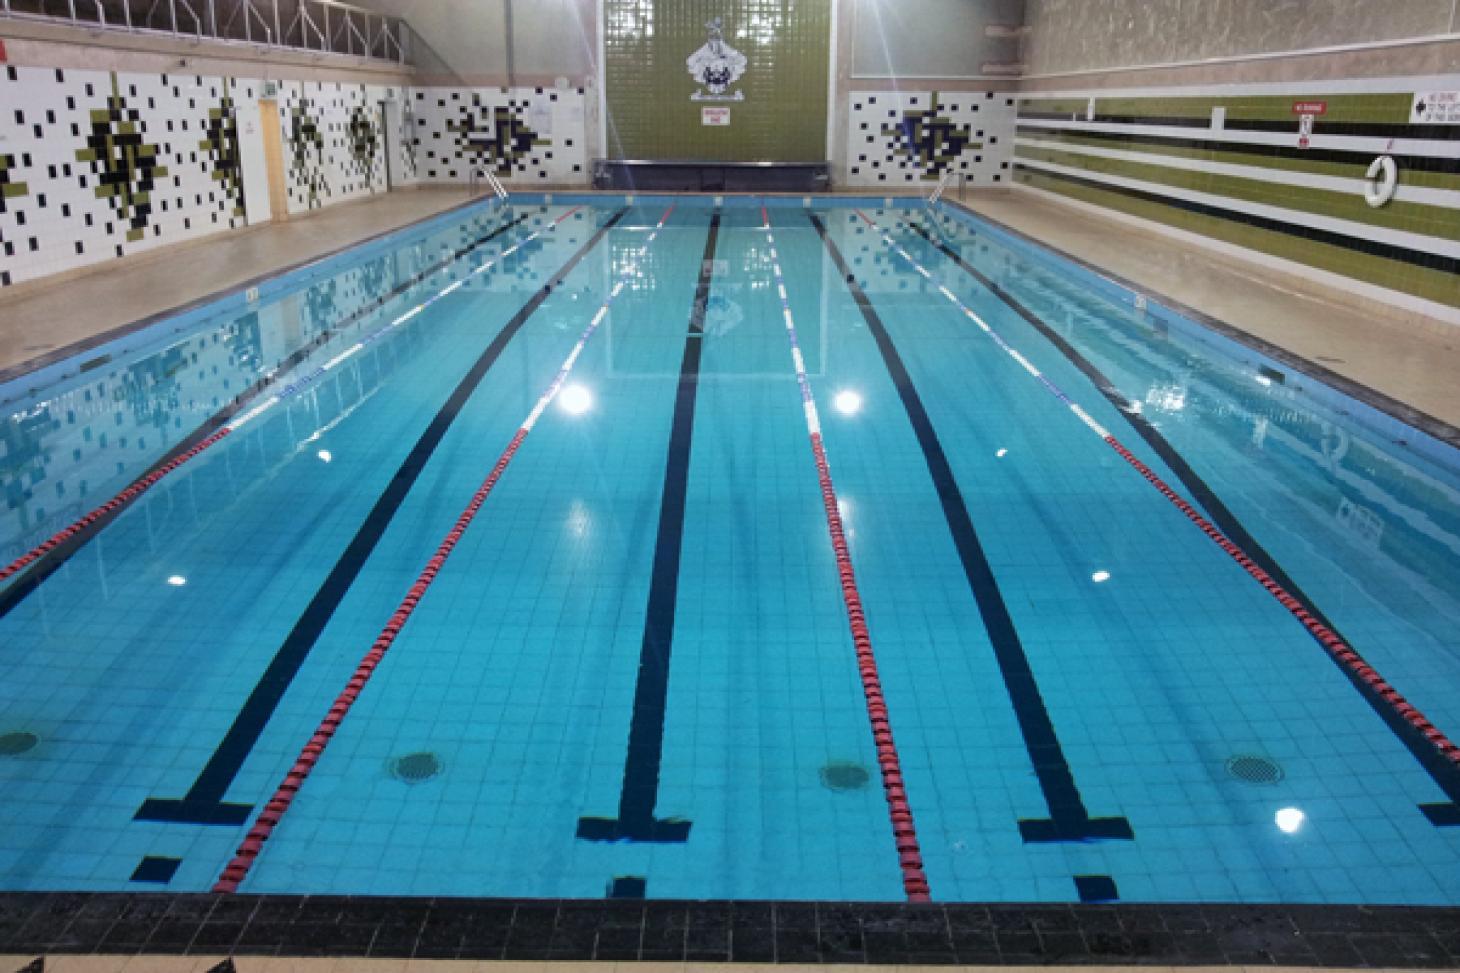 Belvedere College Indoor swimming pool